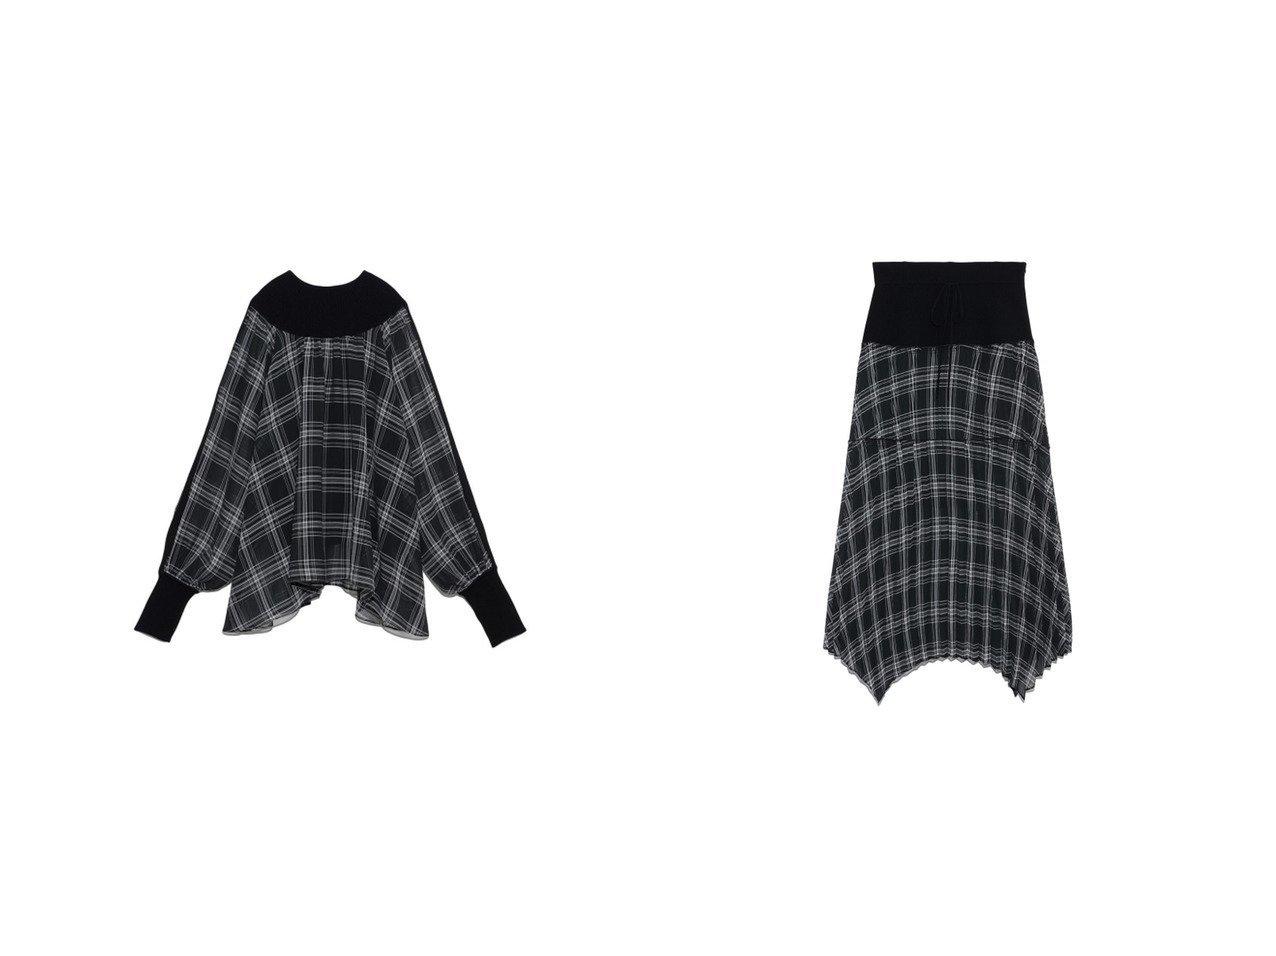 【FURFUR/ファーファー】のシアーチェックコンビスカート&シアーチェックコンビプルオーバー FURFURのおすすめ!人気、トレンド・レディースファッションの通販  おすすめで人気の流行・トレンド、ファッションの通販商品 メンズファッション・キッズファッション・インテリア・家具・レディースファッション・服の通販 founy(ファニー) https://founy.com/ ファッション Fashion レディースファッション WOMEN スカート Skirt トップス Tops Tshirt プルオーバー Pullover アクリル 春 Spring スウェット スマート セットアップ セーター プリーツ 2021年 2021 S/S 春夏 SS Spring/Summer 2021 春夏 S/S SS Spring/Summer 2021 |ID:crp329100000016854